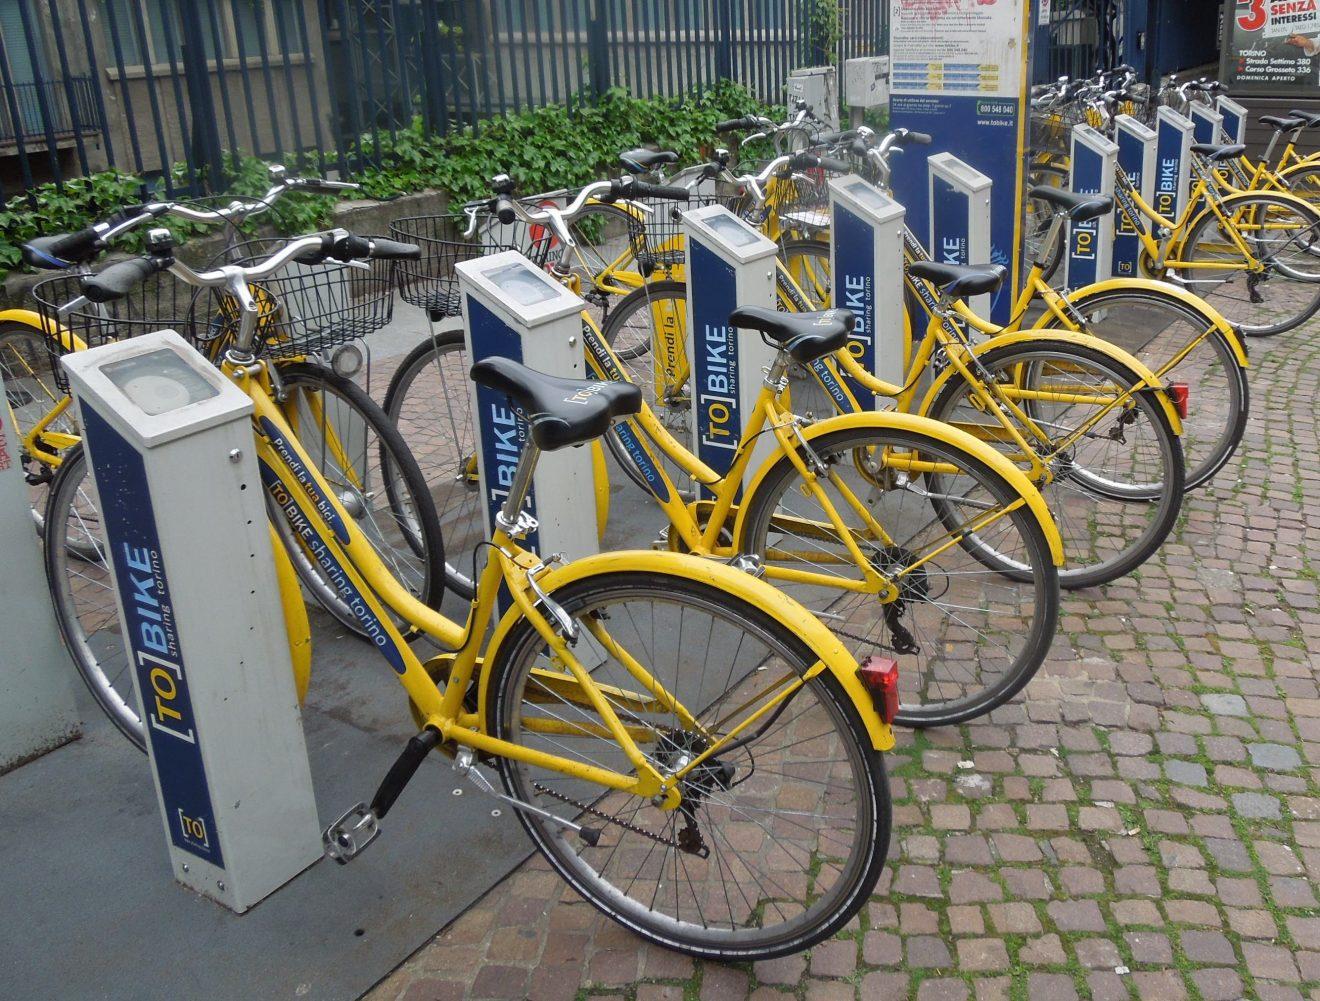 Mobilità condivisa: continua la crescita dei servizi sharing nelle città italiane